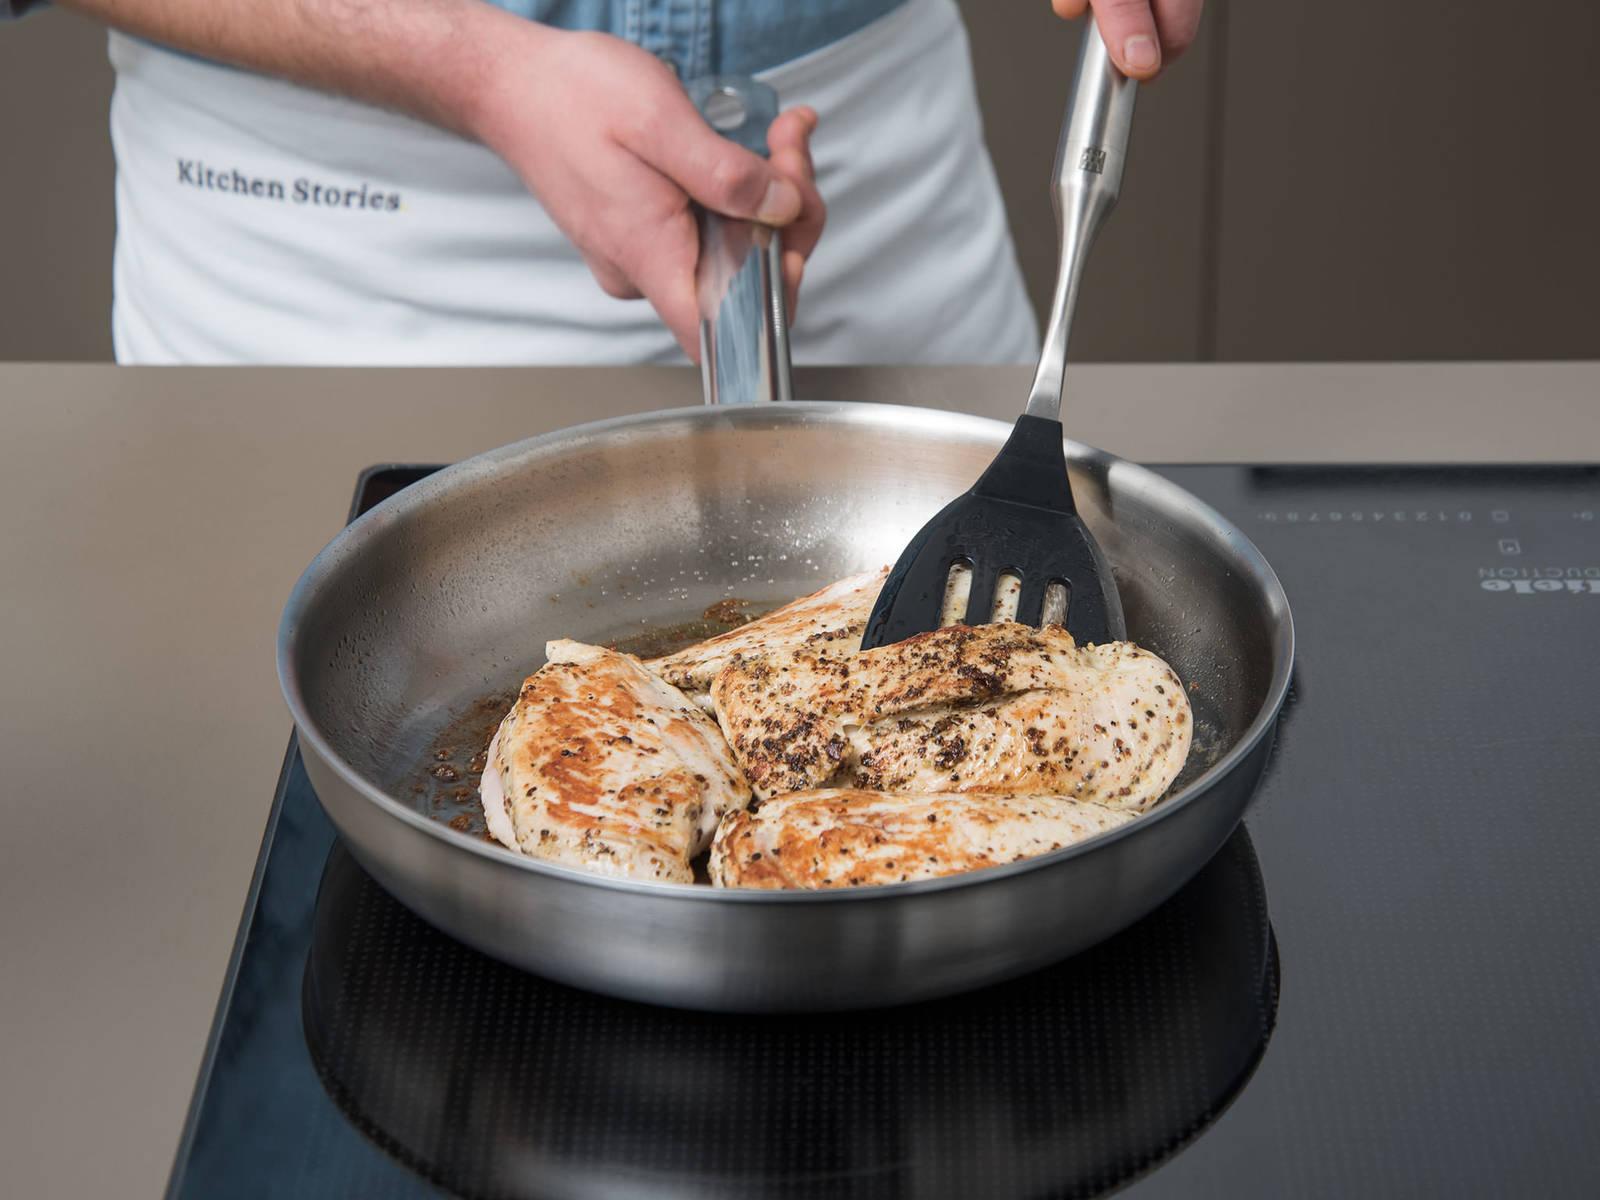 在不锈钢煎锅中,中火加热橄榄油。然后倒入鸡胸肉,煎一面2-3分钟。一开始,鸡肉可能会黏在锅底,但2-3分钟后就能轻松移动了。翻面,煎另一面3分钟。